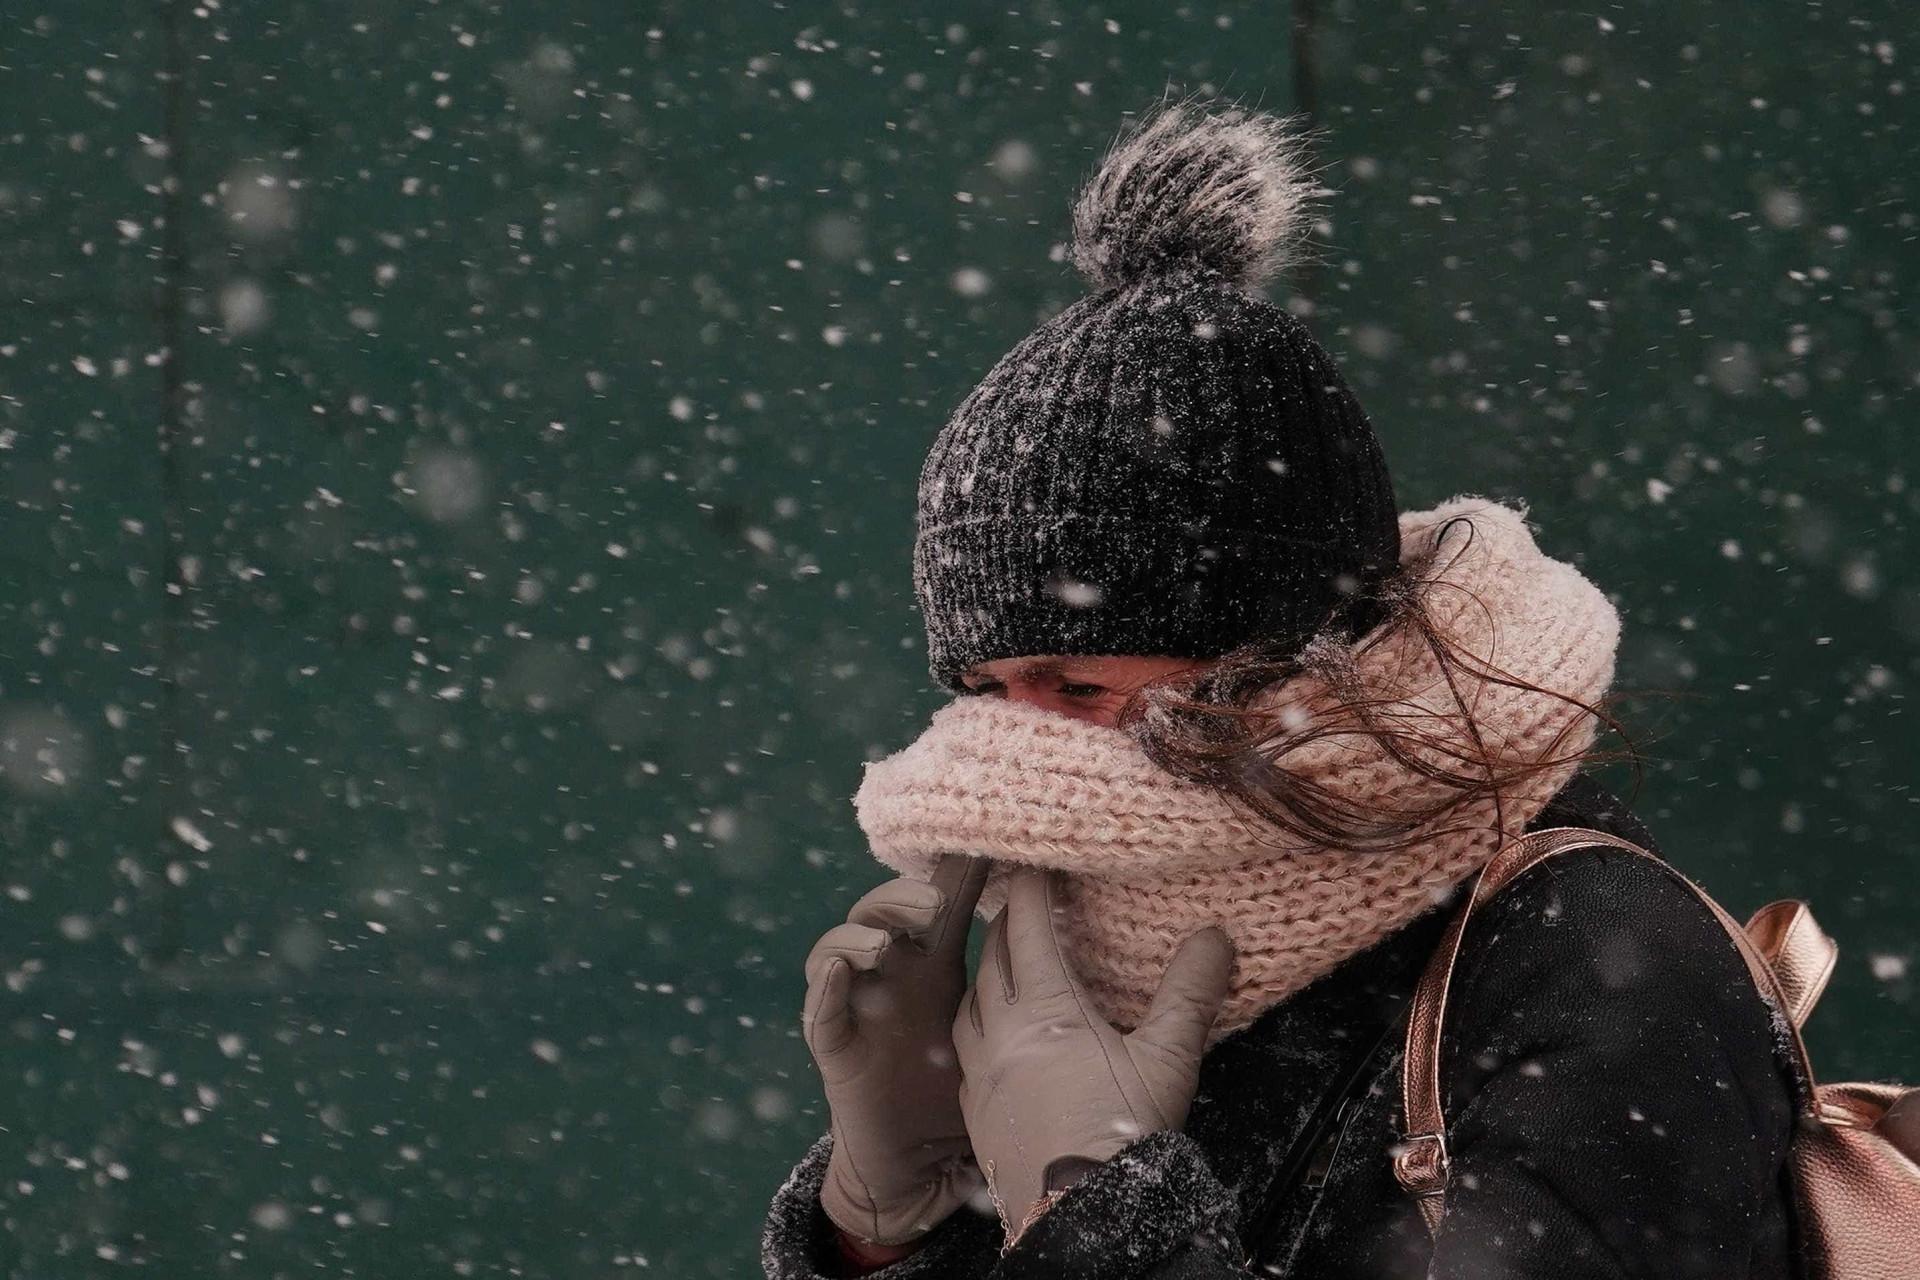 De iguanas à barbas 'congeladas', o frio nos EUA em imagens